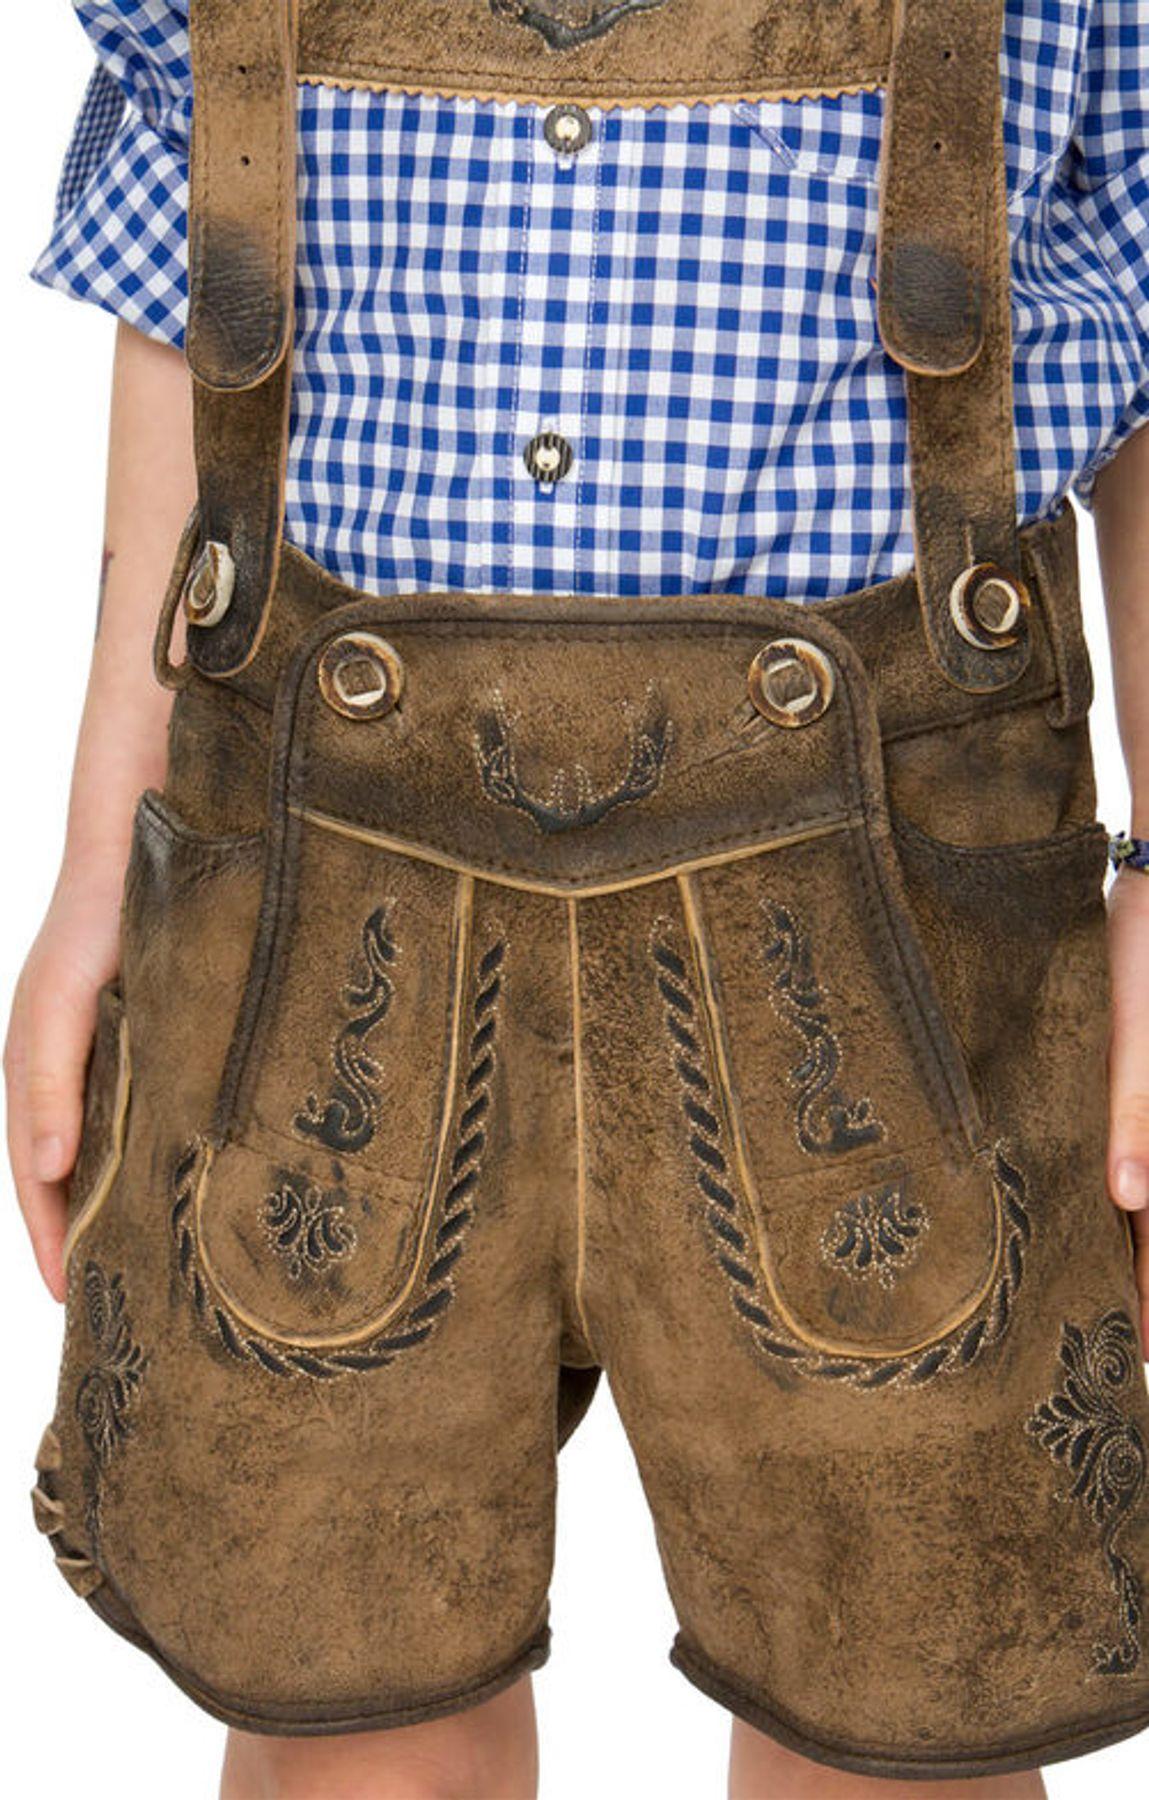 Stockerpoint - Kinder Trachten Lederhose mit Träger, Max Gr: 86-116 – Bild 5